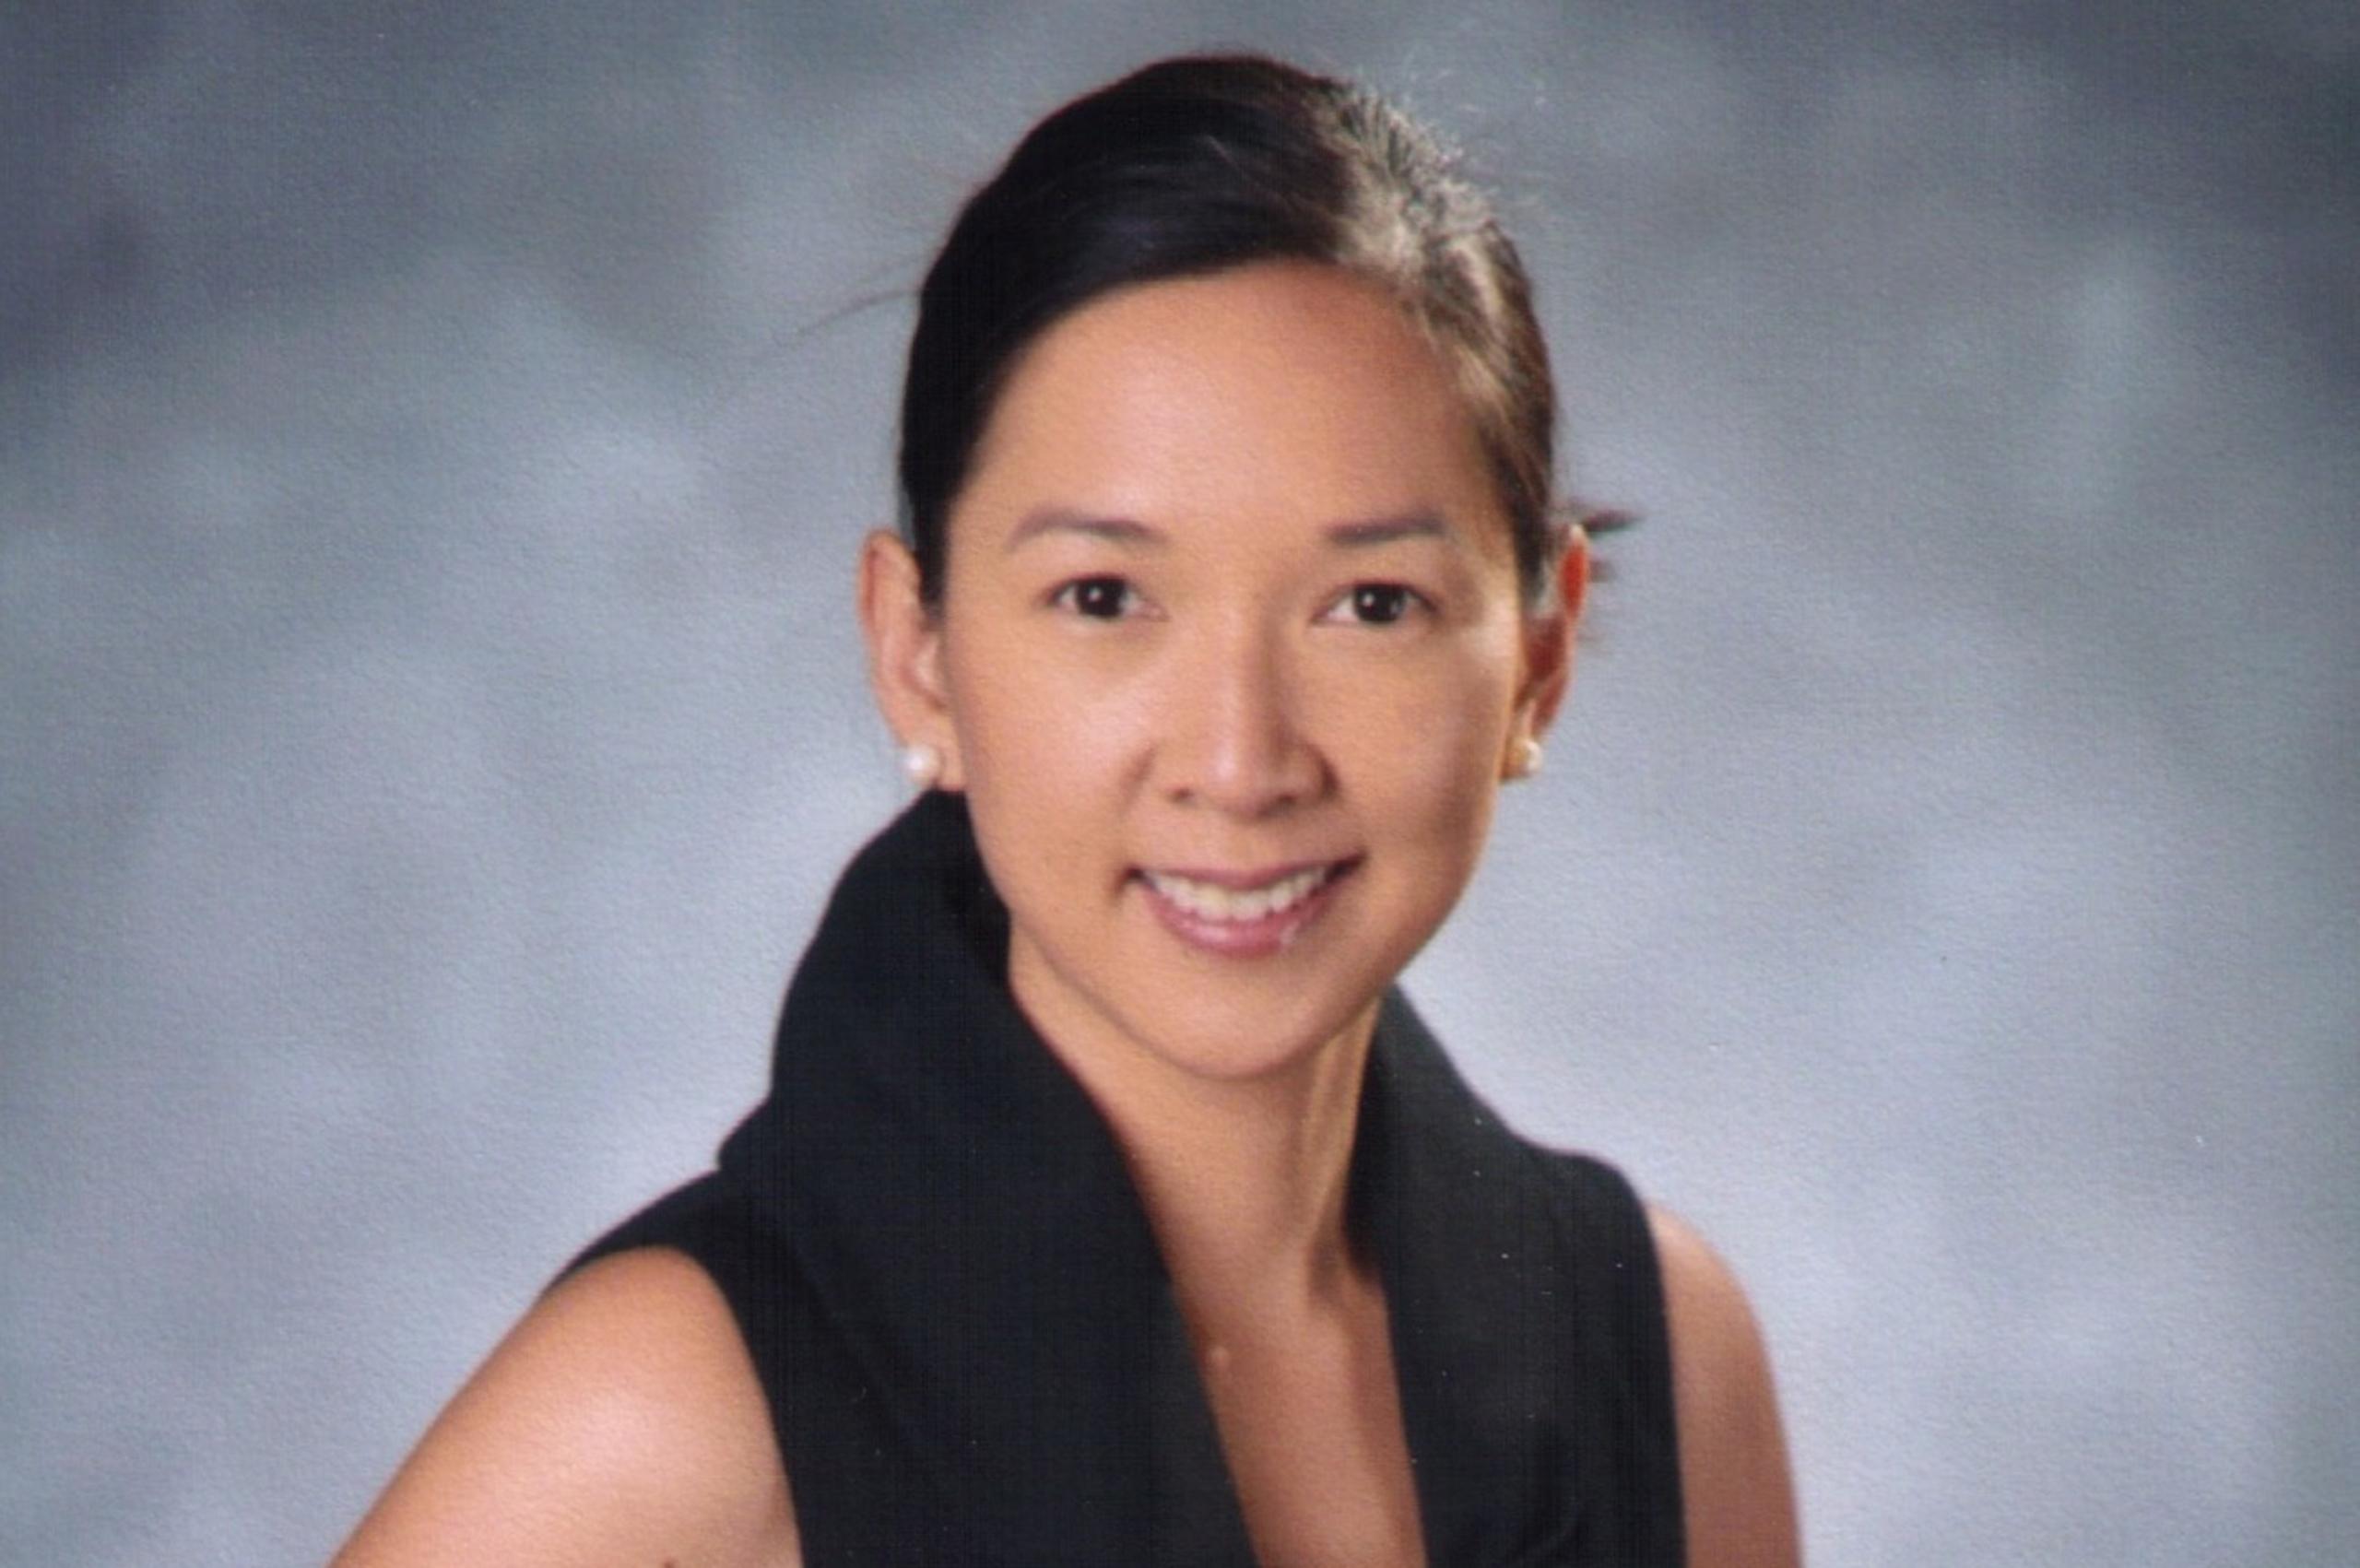 Dr. Michelle Soriano